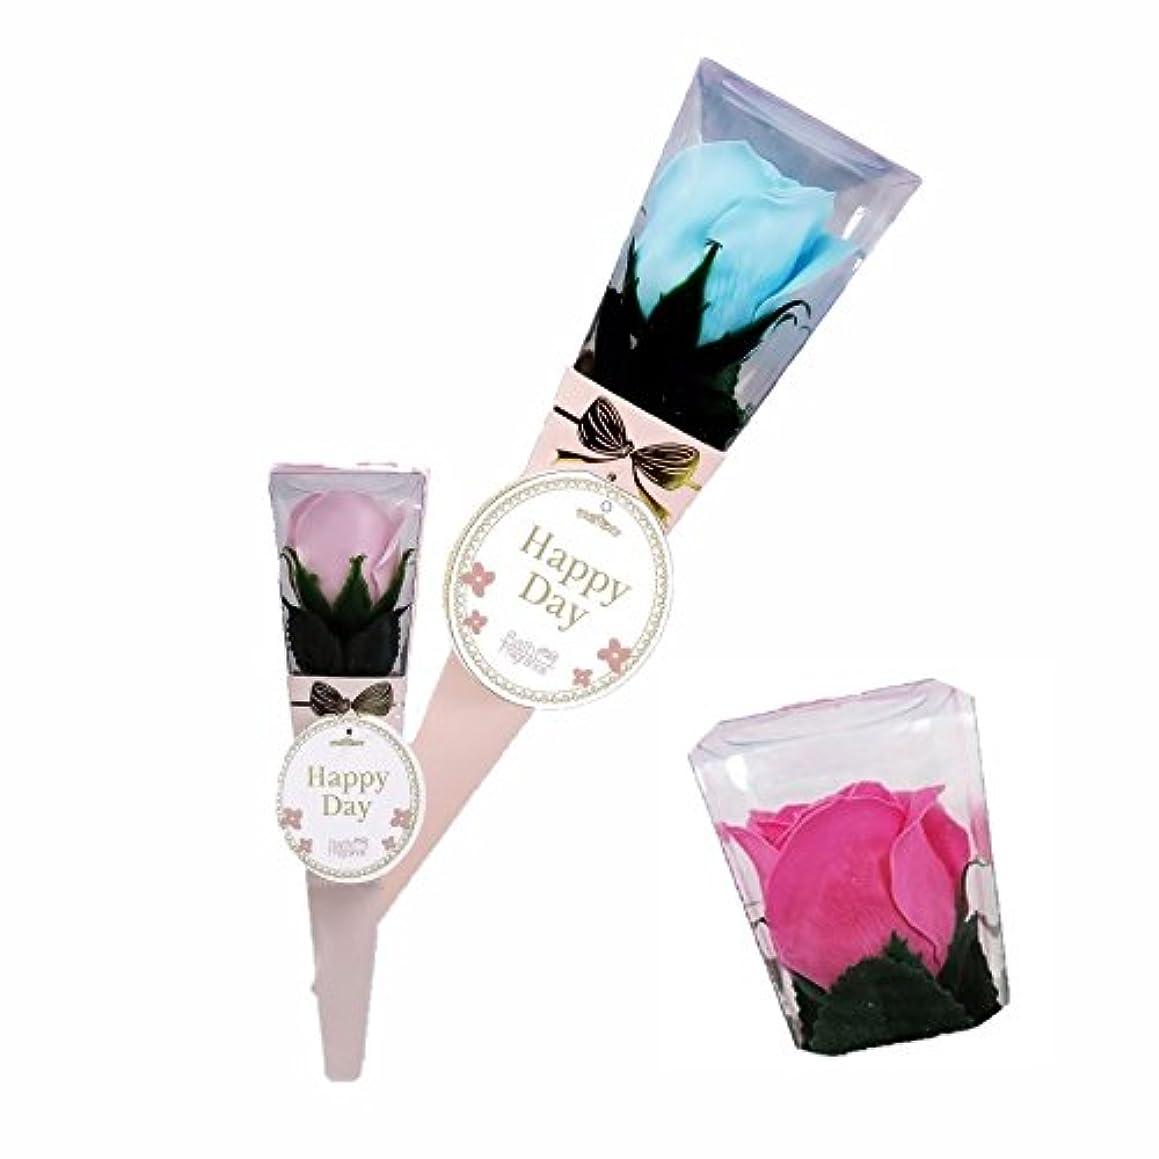 色農民十億バスフレグランス ミニローズブーケ ローズピンク バスフラワー ギフト お花の形の入浴剤